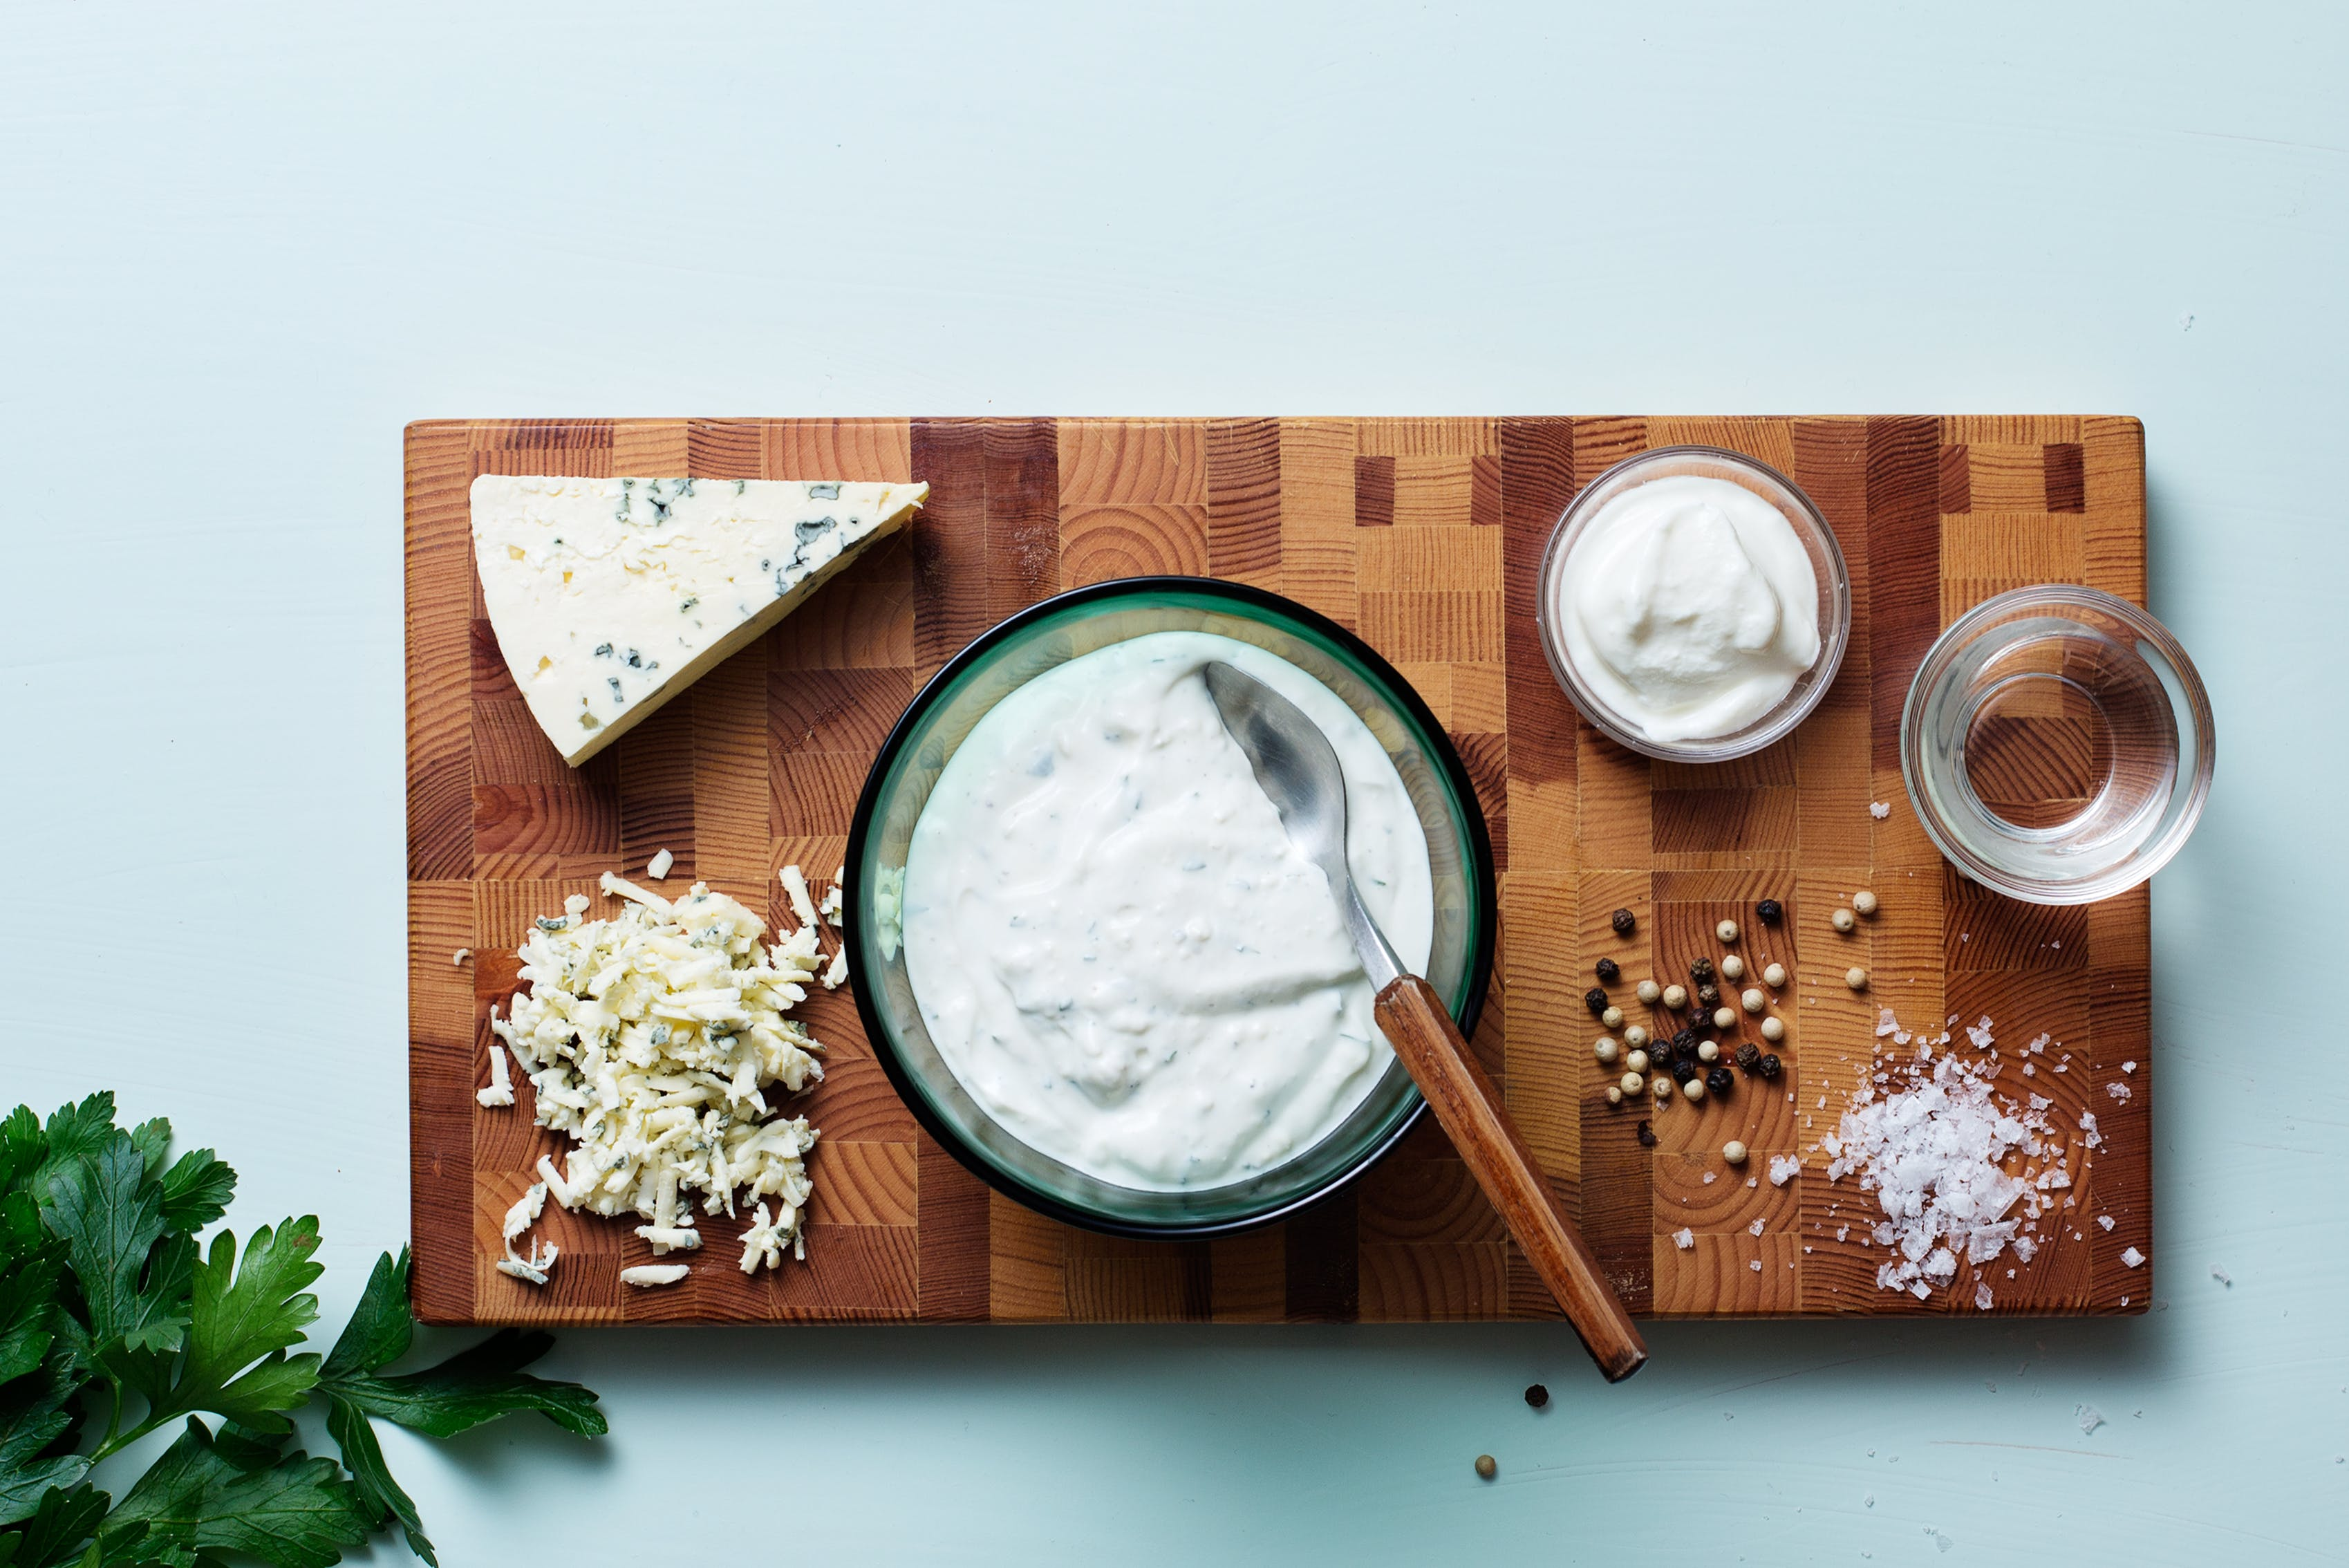 Aderezo keto de queso azul